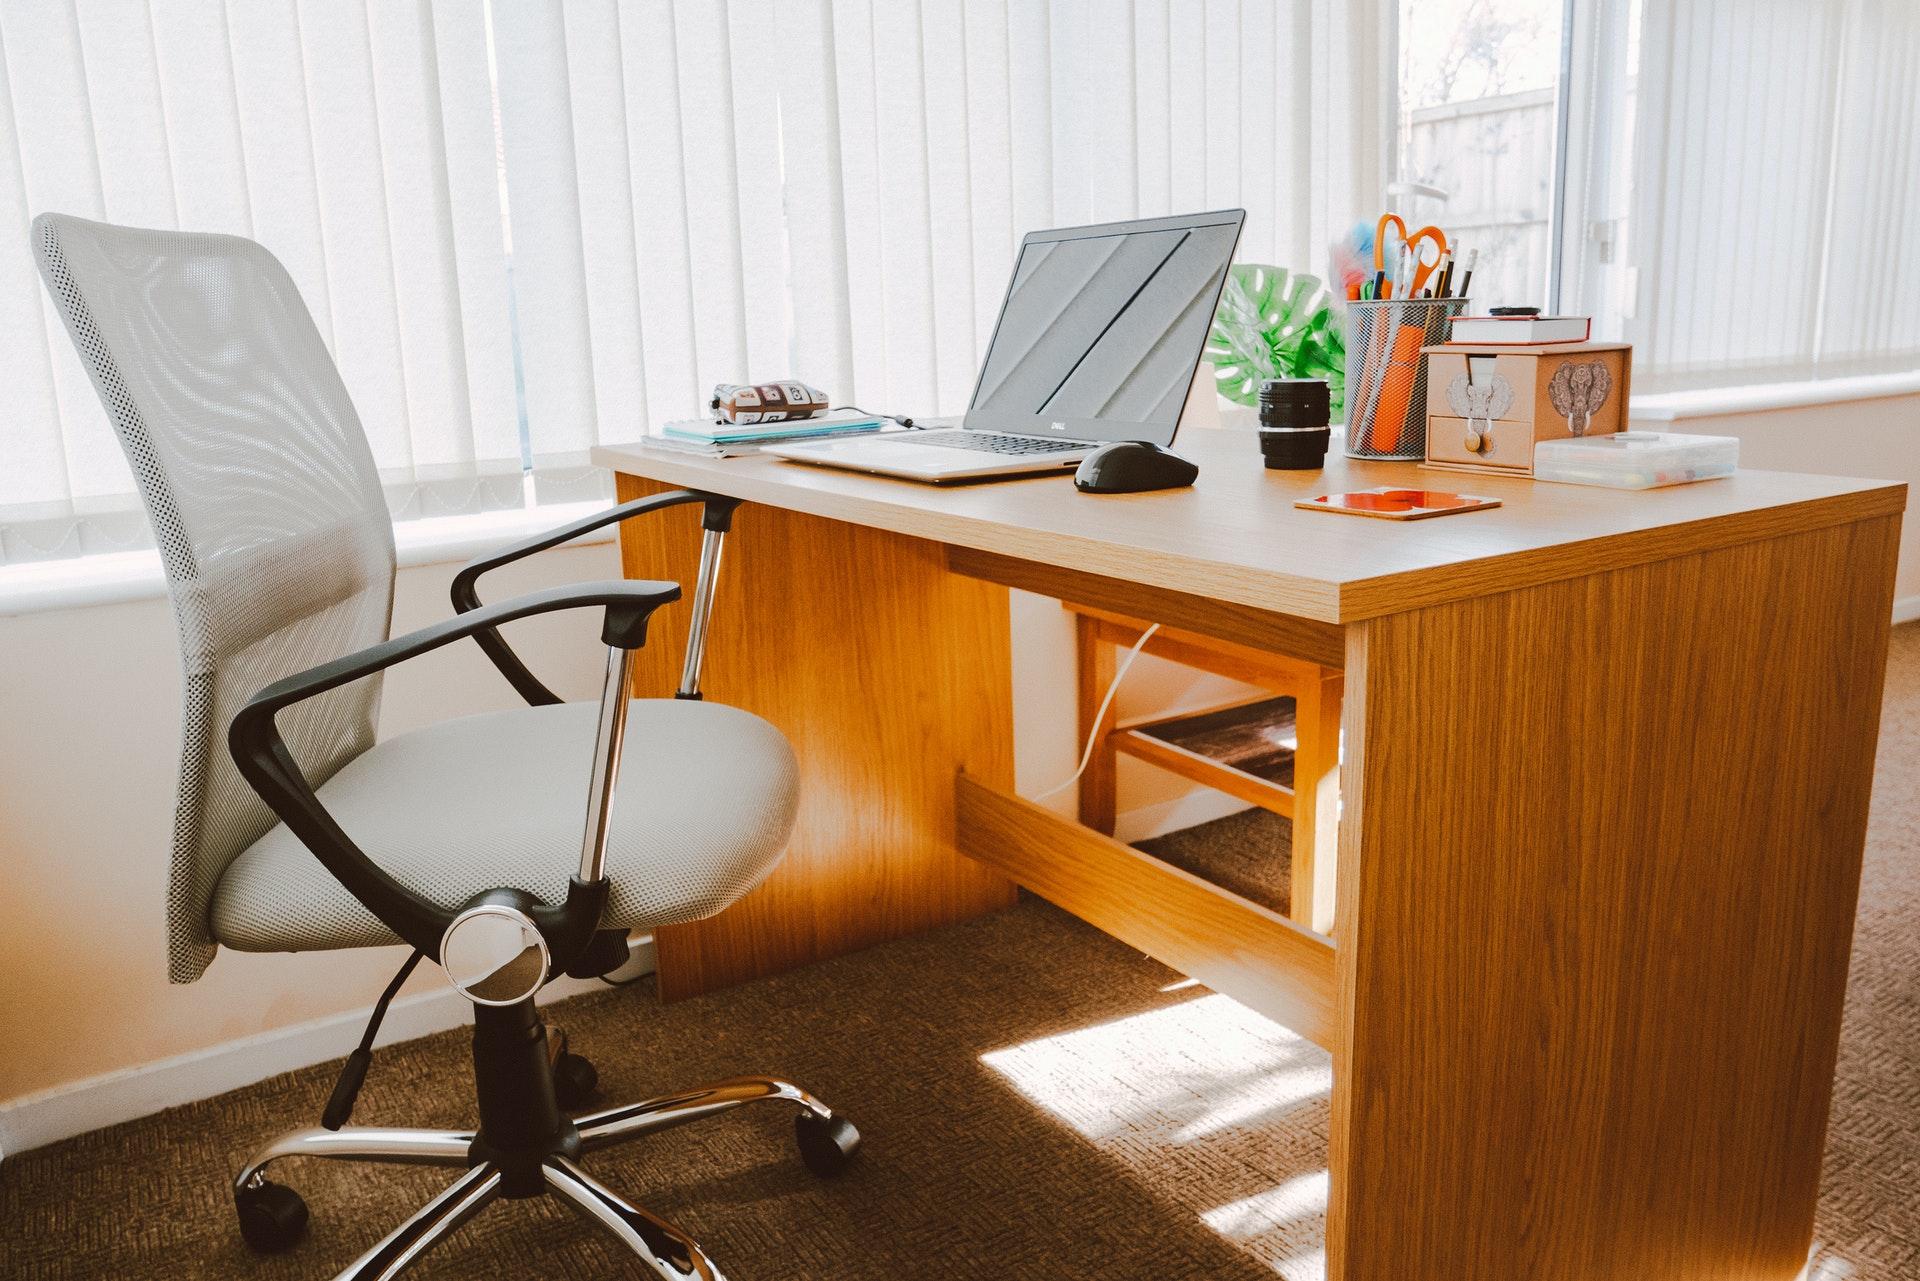 Krzesło do pracy - jak wybrać?